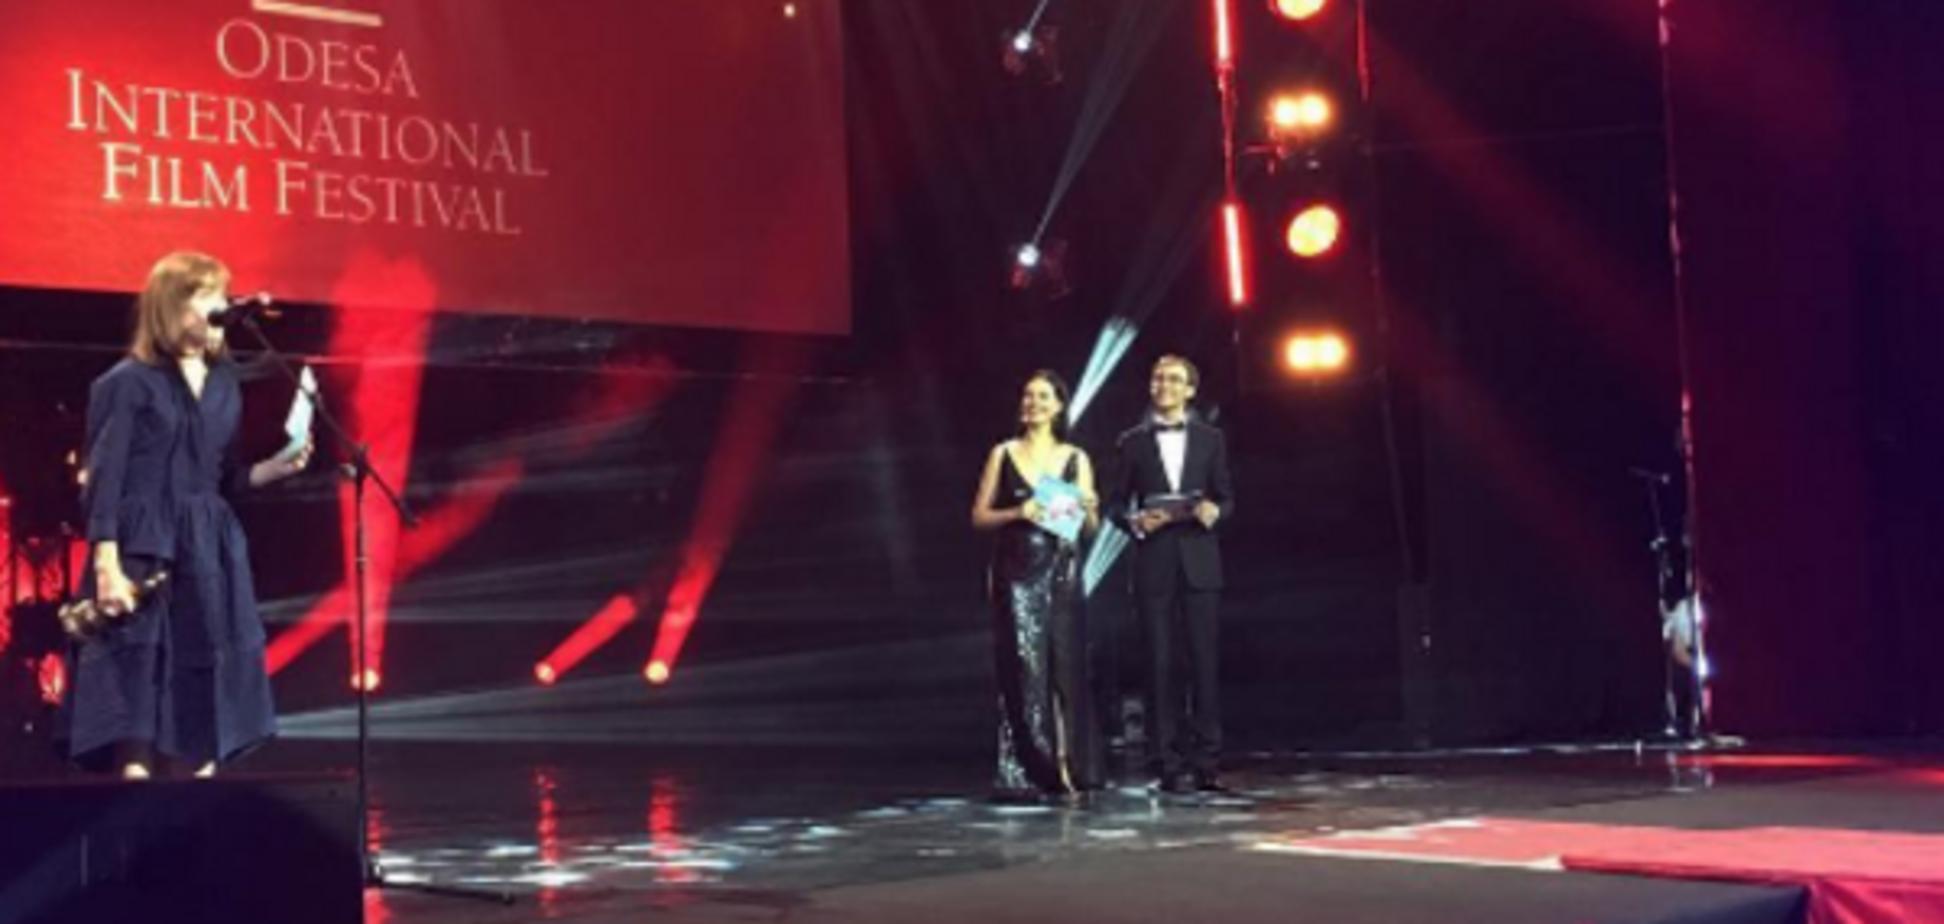 Одеський кінофестиваль оголосив переможців